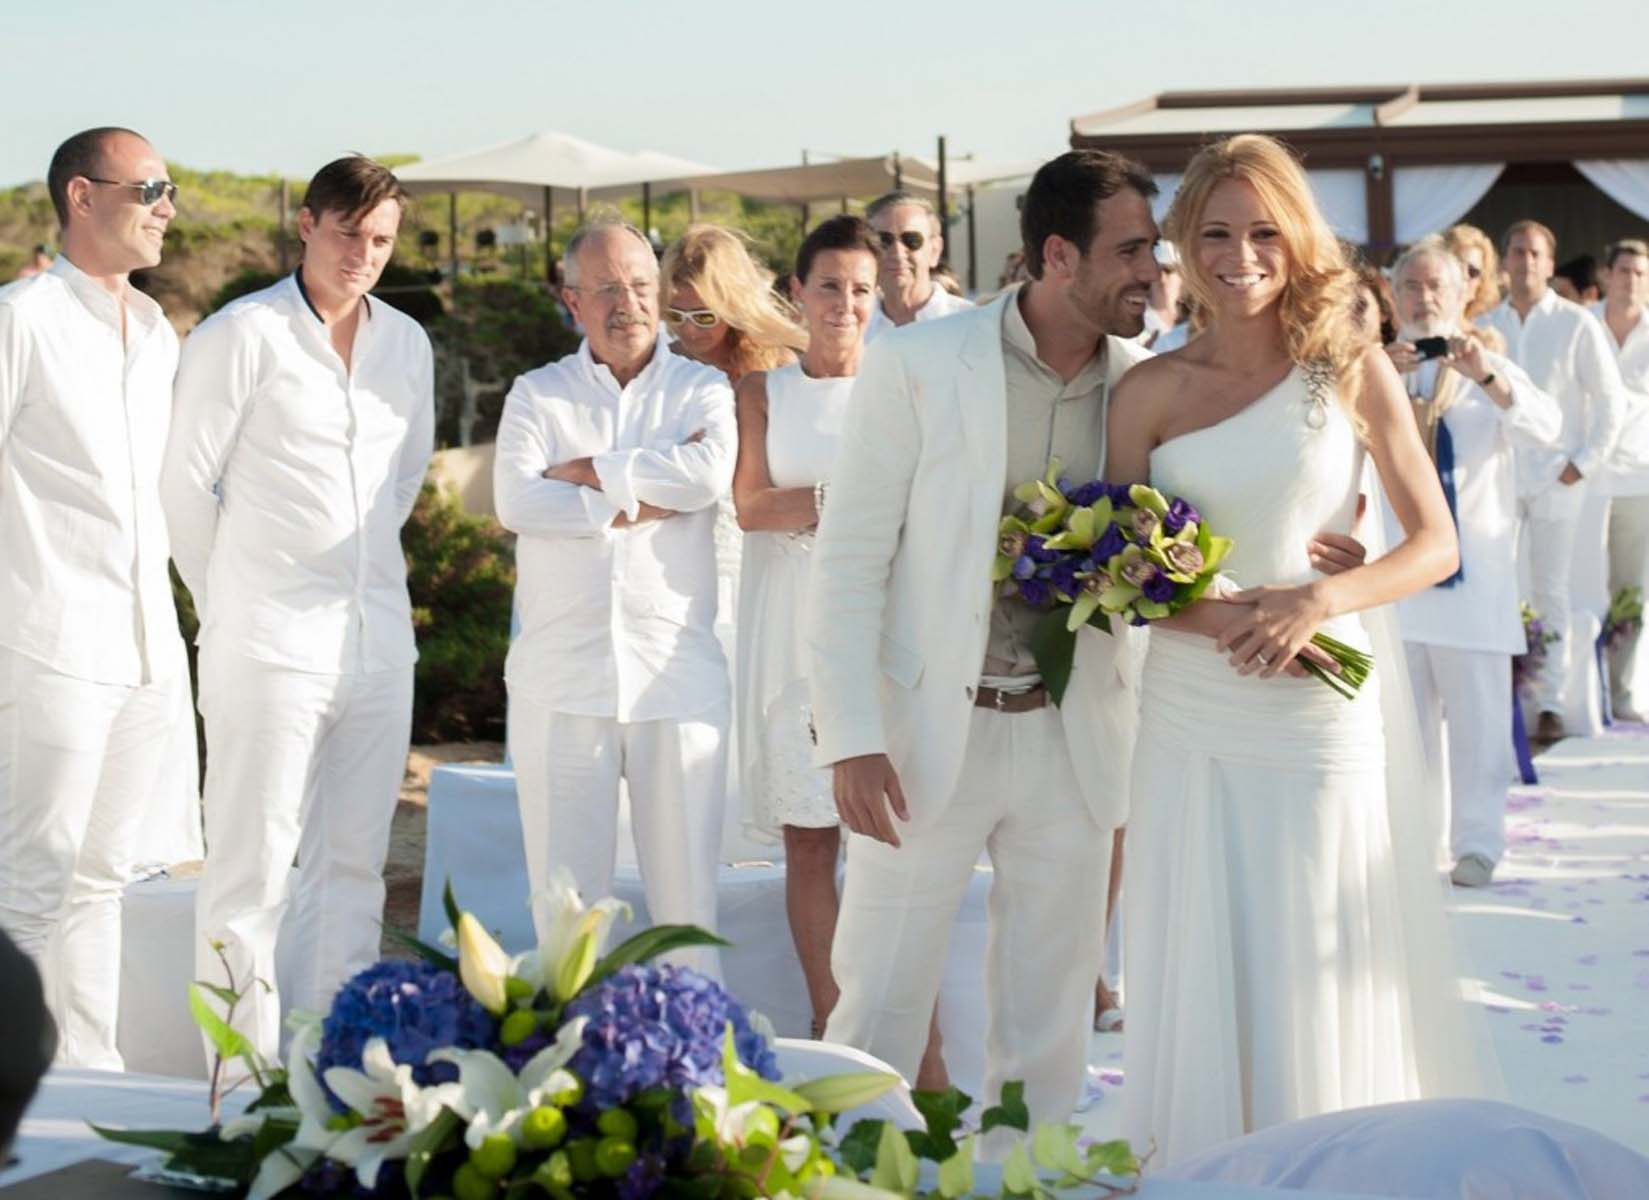 Total White, celebra tu boda en blanco.